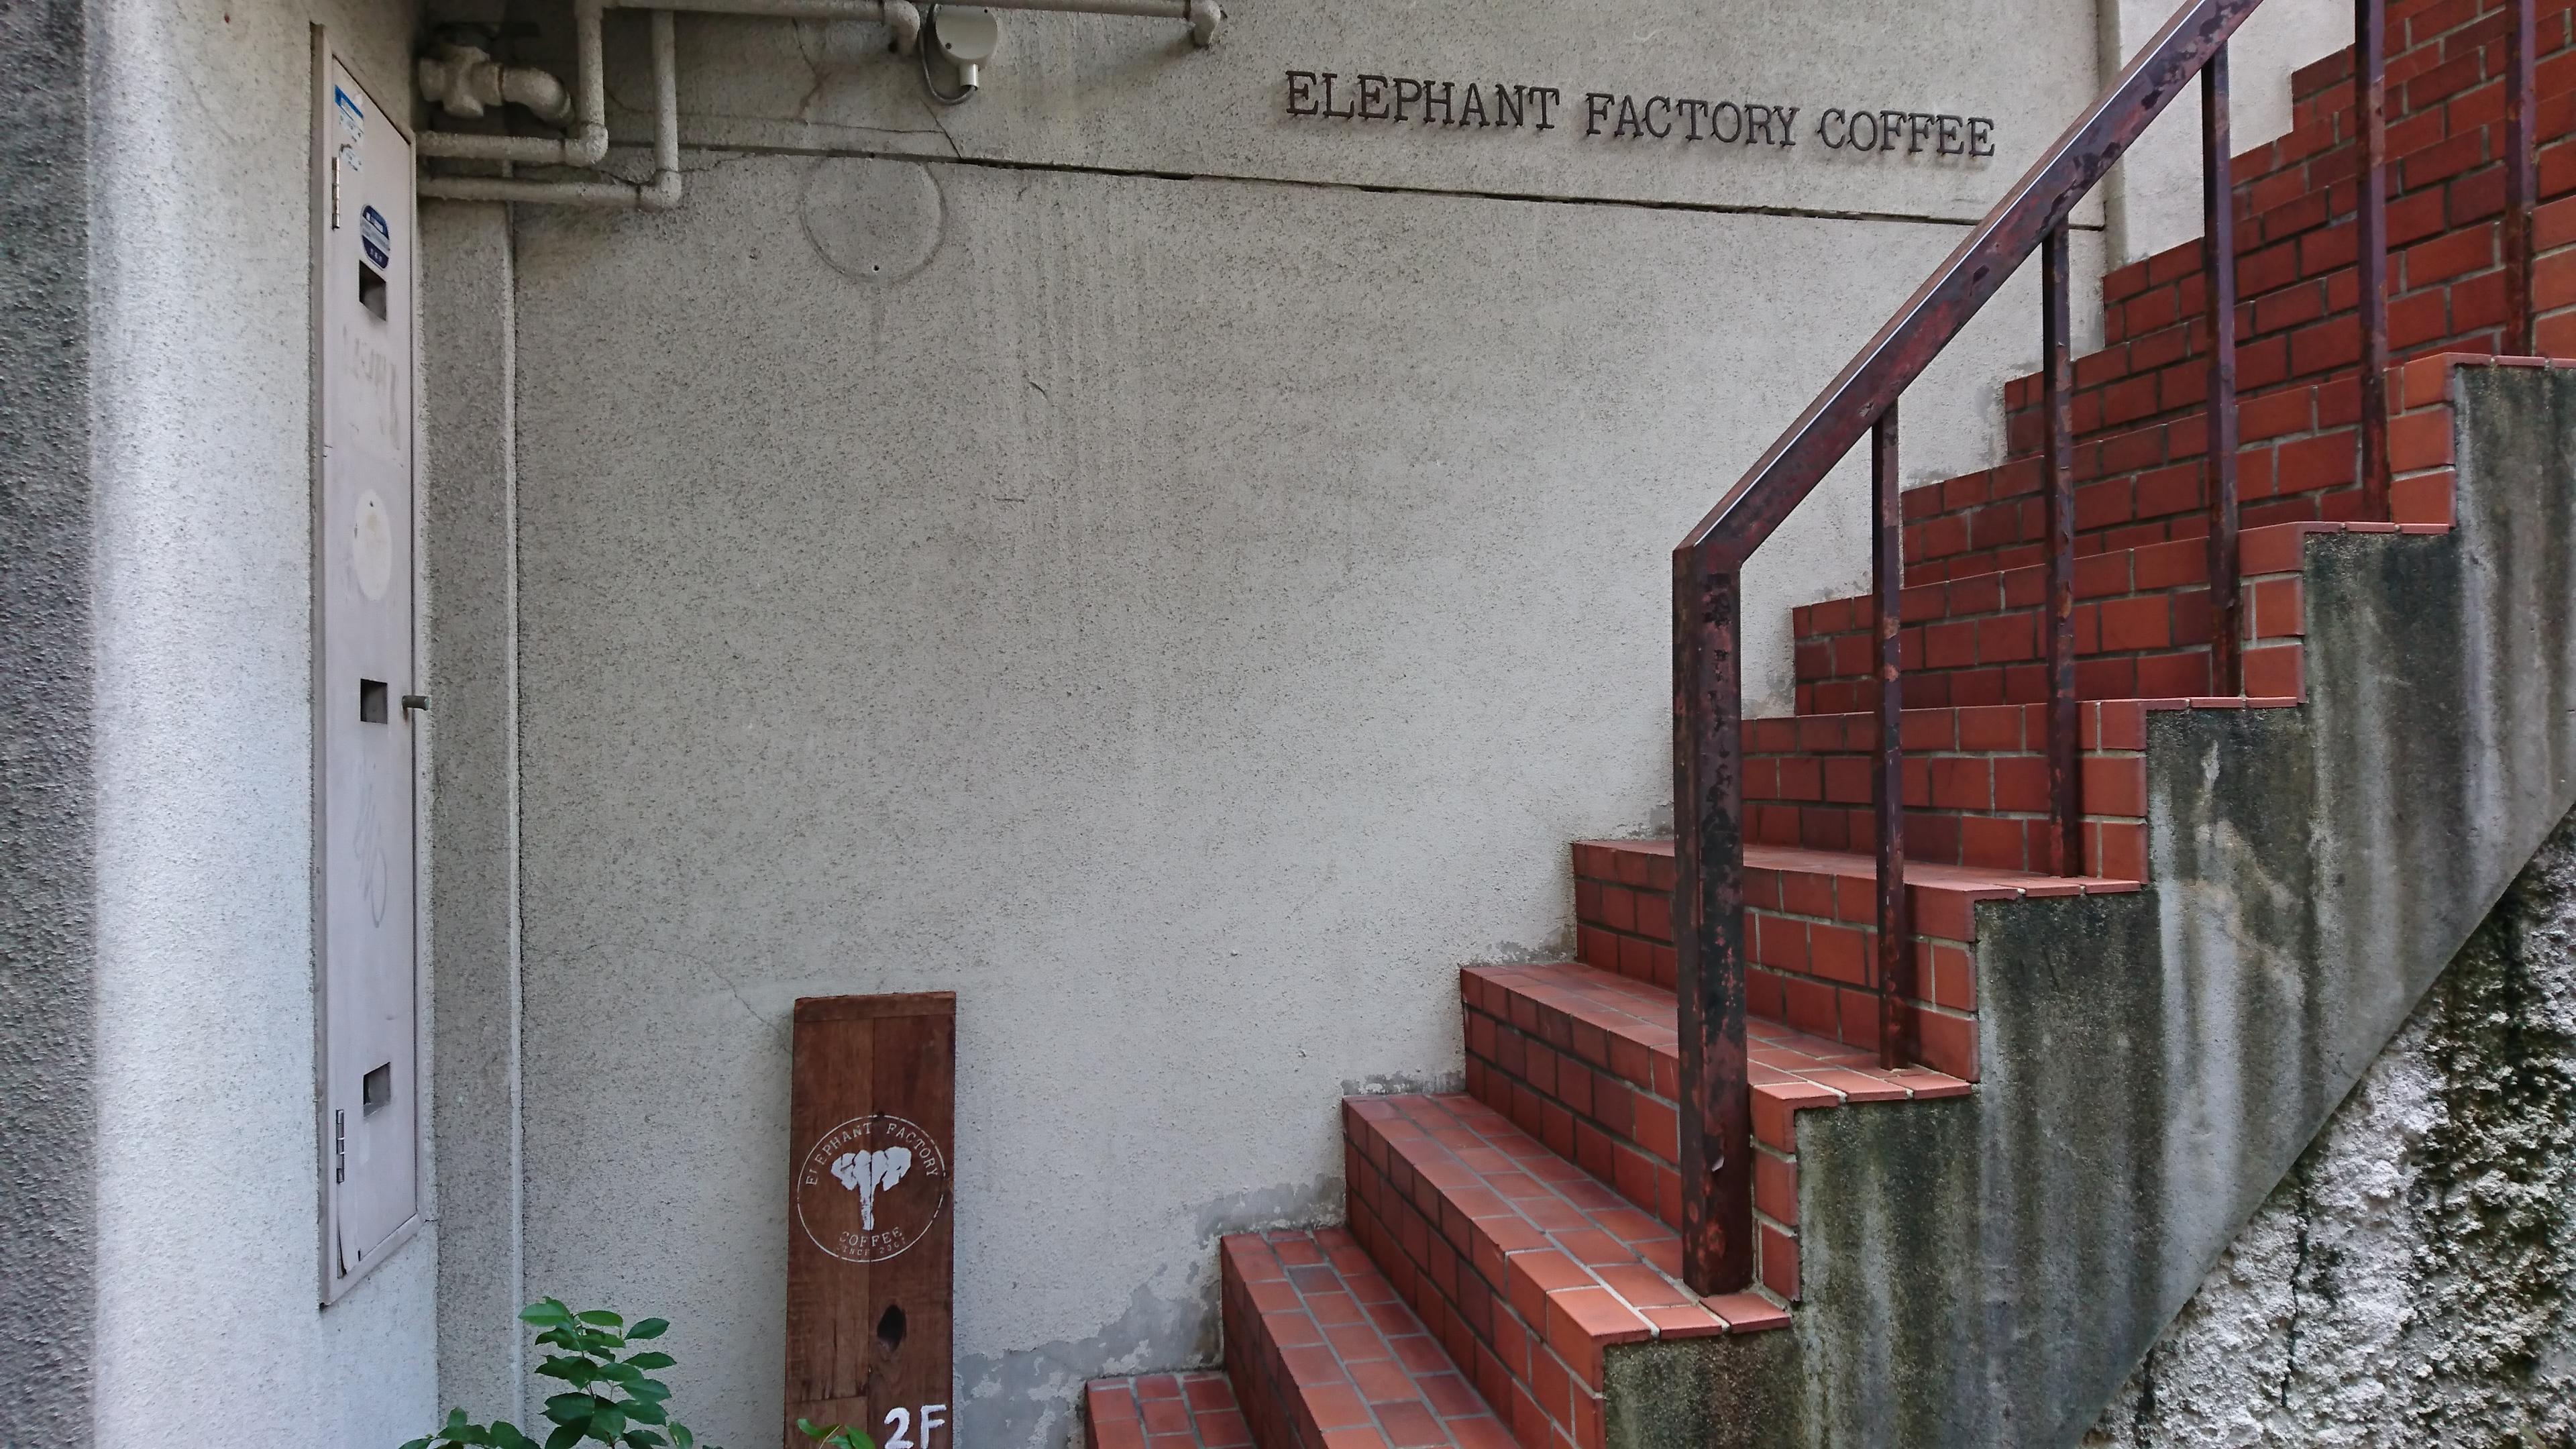 ELLEFHANT FACTORY COFFEE1